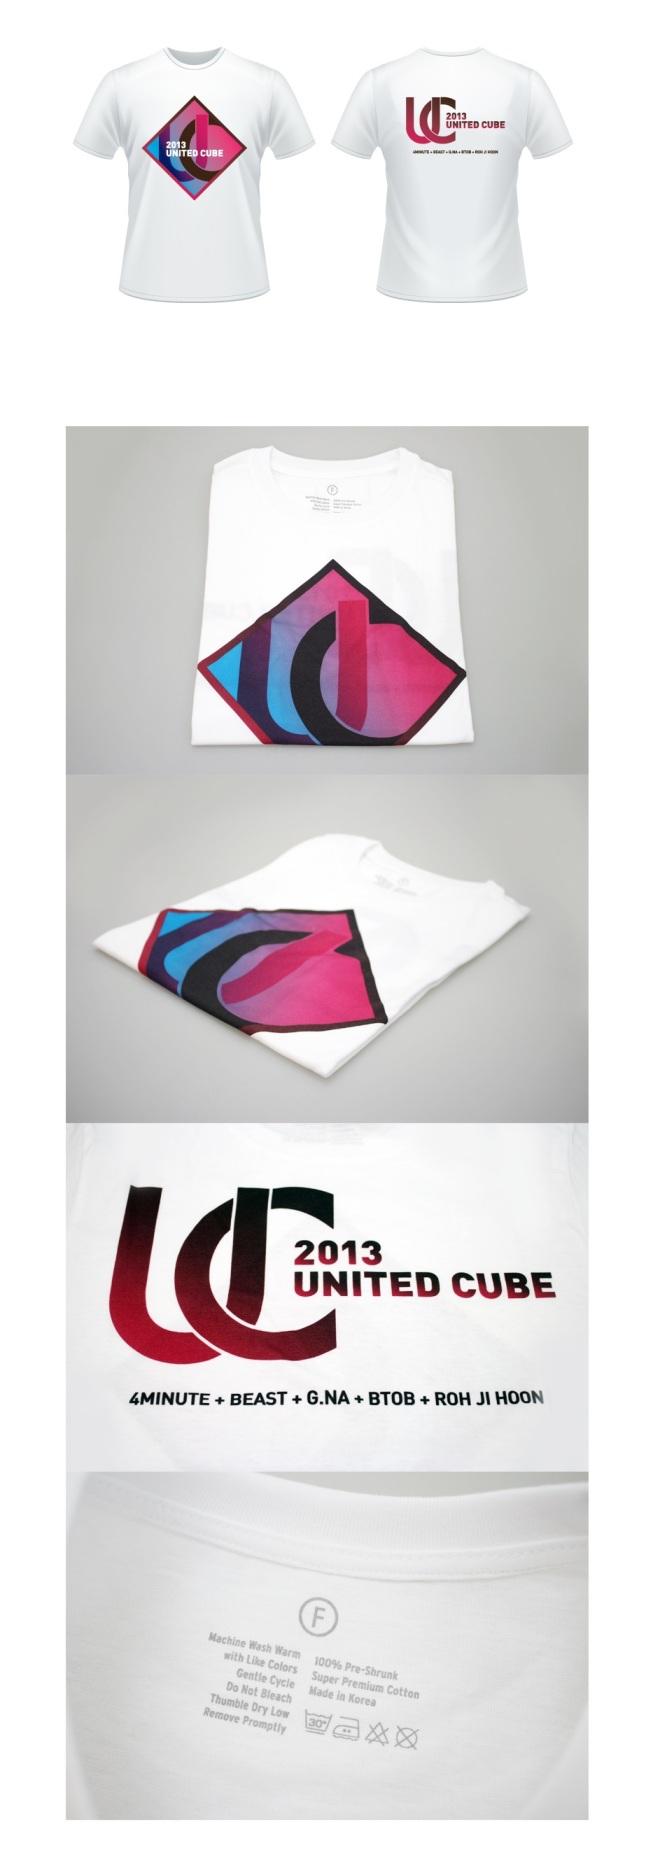 uc_2013_tshirts